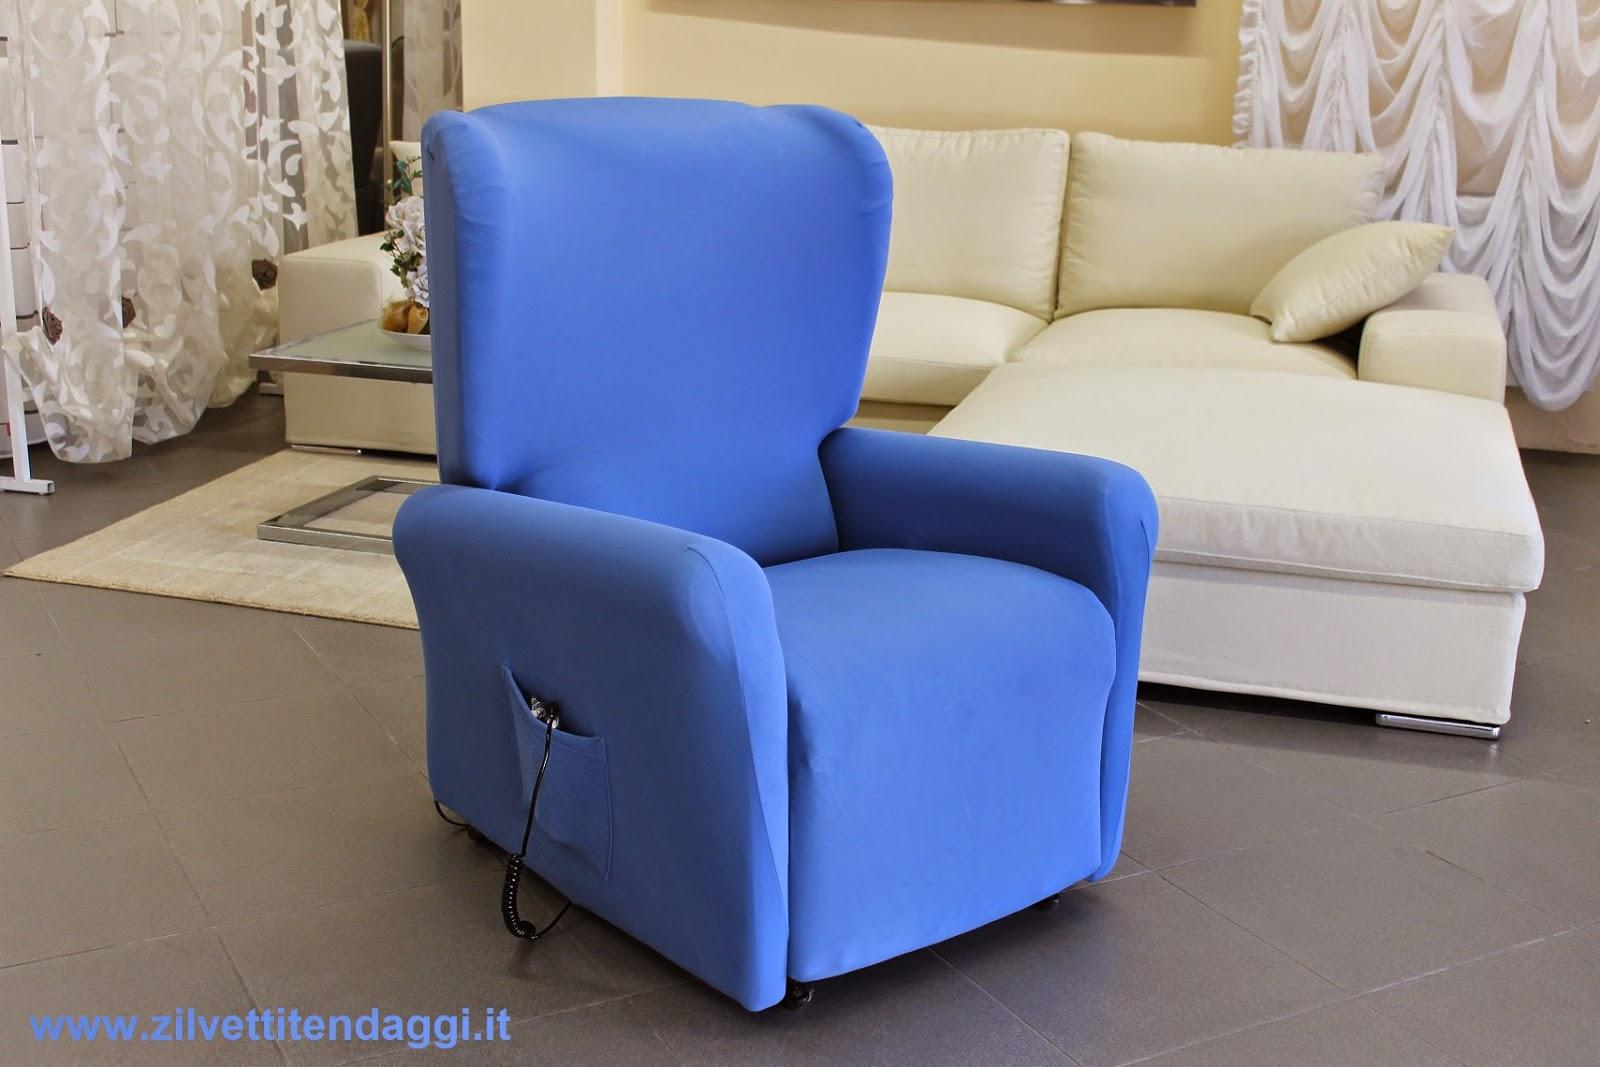 Poltrone E Sofa Poltrona Relax Prezzi Southern Motion 875 Copripoltrona In Tessuto Elasticizzato Per